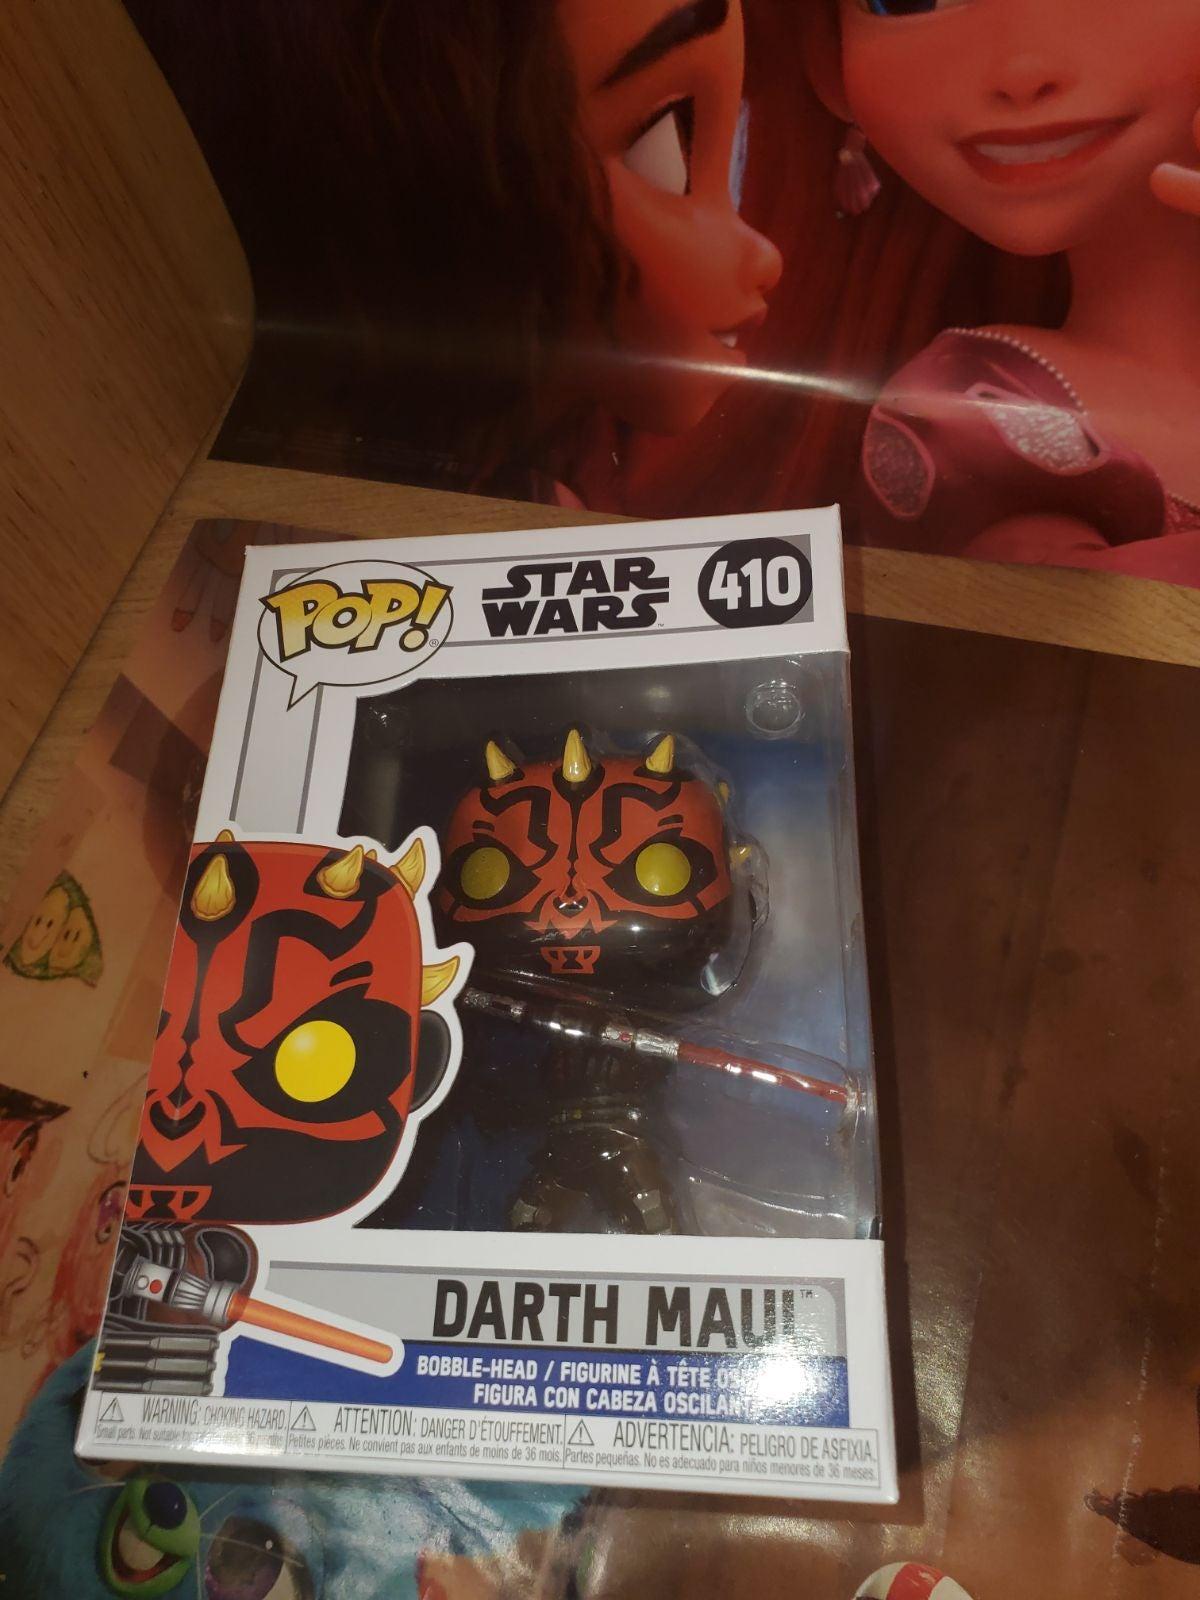 Funko Pop Star Wars Darth Maul nib